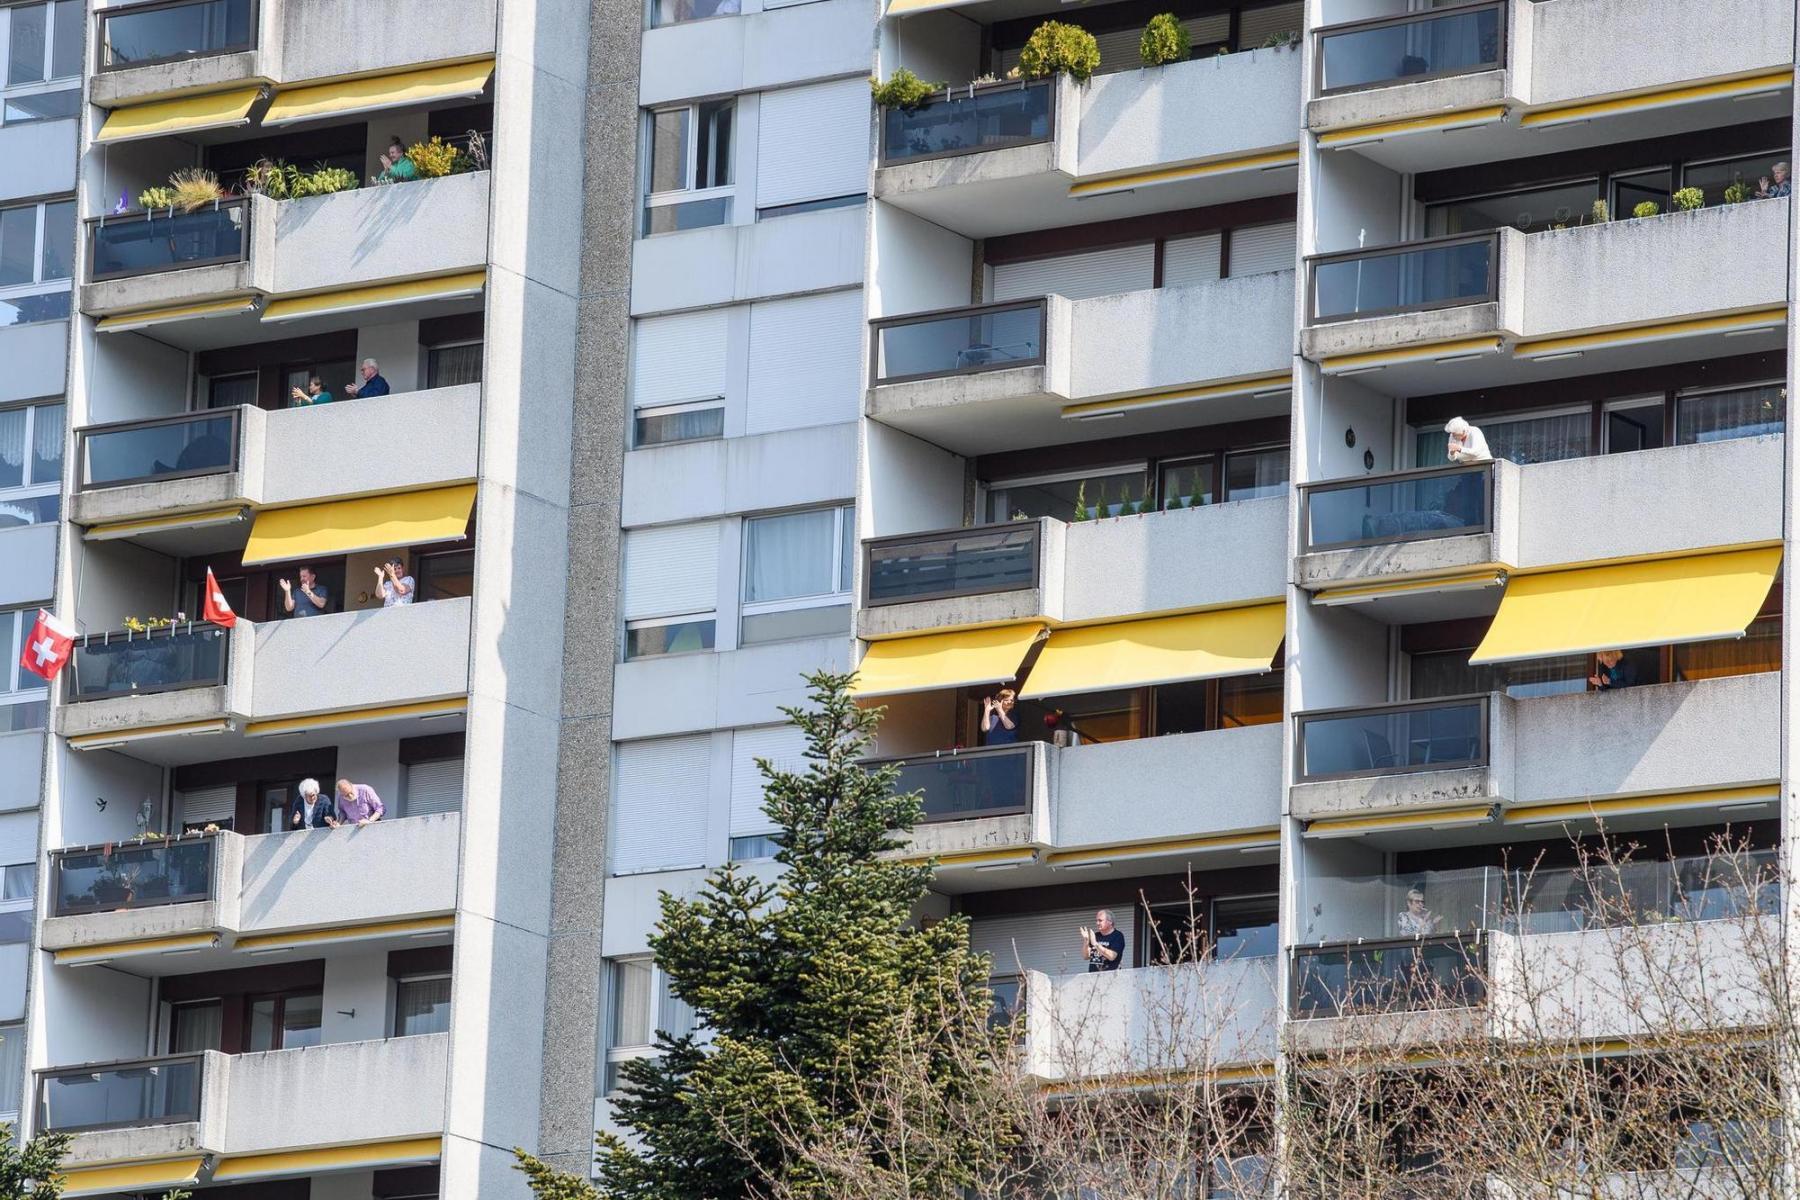 Die meisten Menschen nahmen die Aufrufe ernst und blieben zu Hause. Sie taten etwas für alle und für sich selber, ohne etwas zu tun. So einfach kann das manchmal sein. Hier applaudieren die Daheimgebliebenen aus Solidarität für das Gesundheits- und Pflegepersonal von ihrem Balkon aus am 20.3.2020 an der Funkstrasse in Bern. Foto: Raphael Moser